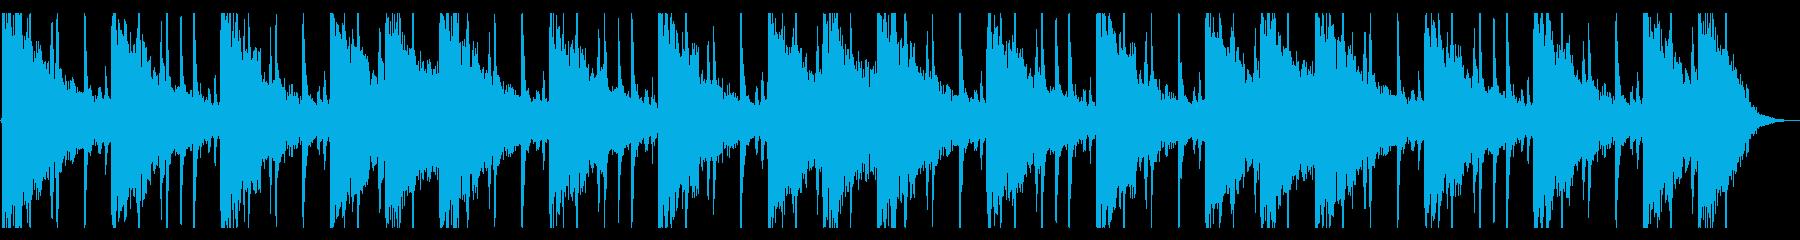 捜索するようなR&B_No616_5の再生済みの波形